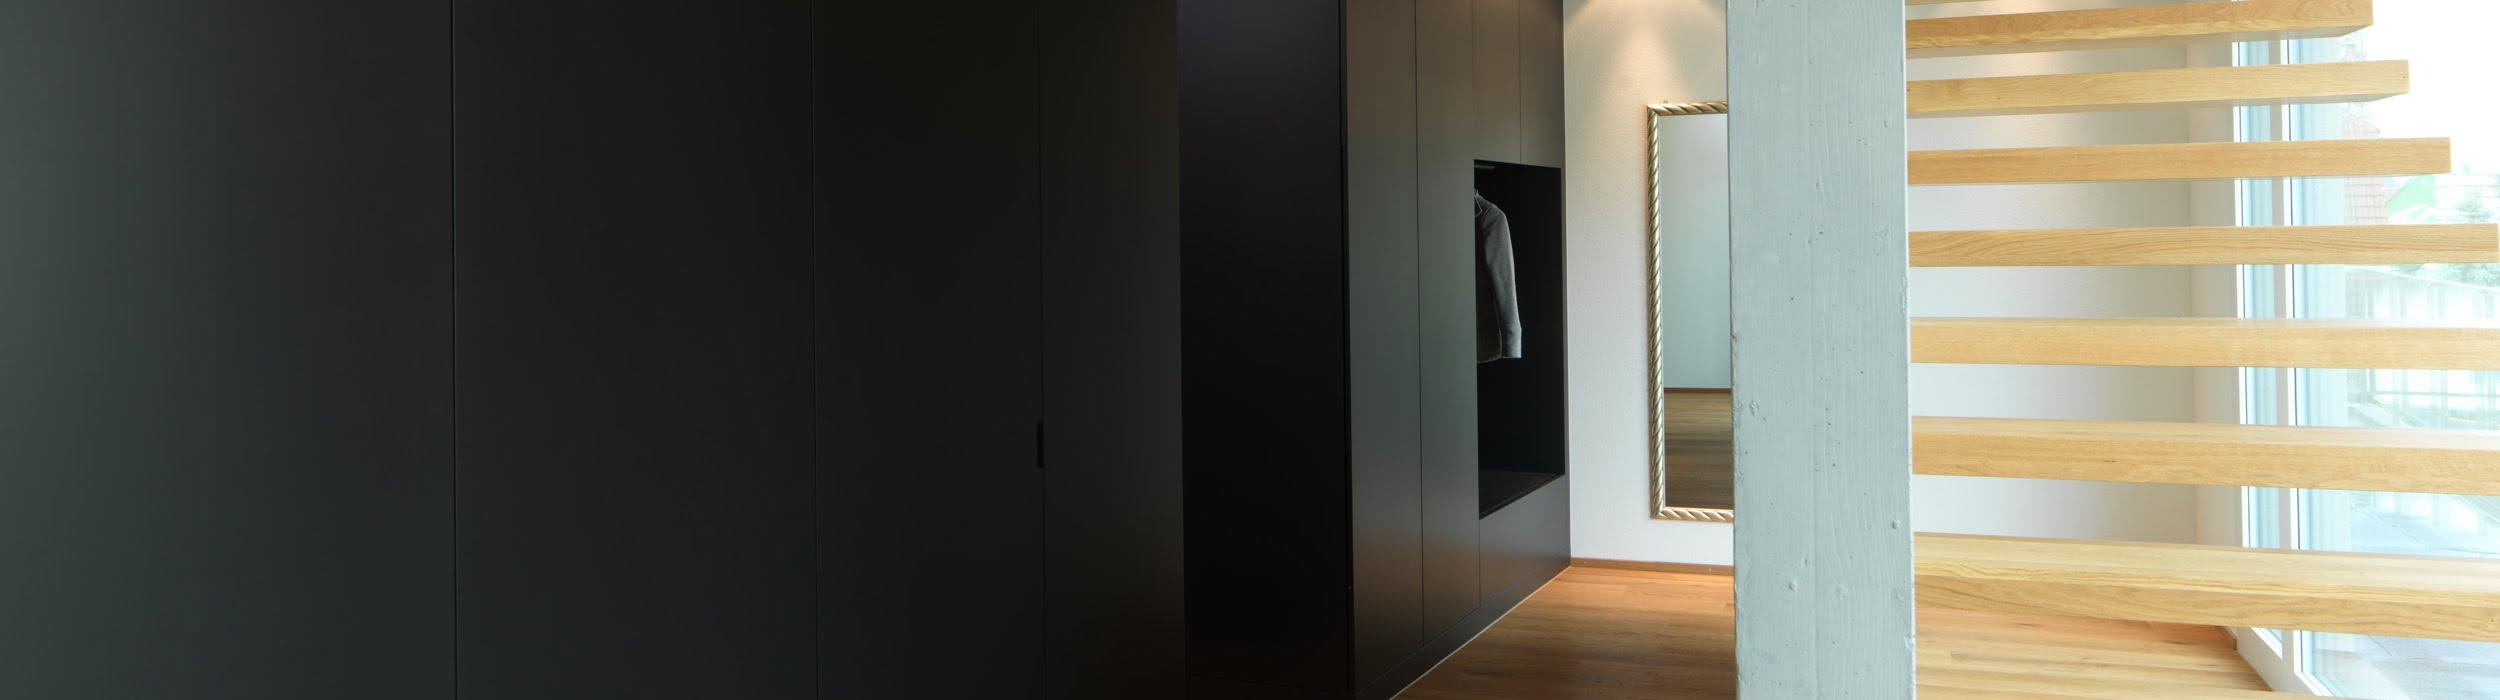 KAWA Design ihr Spezialist für Küchen & Küchenbau sowie Bäder, Badezimmer, Nasszellen, Raumgestaltung, Wohnraum in Sursee, Willisau, Aargau, Zentralschweiz, Luzern, Zofingen, HI-MACS Acrylstein